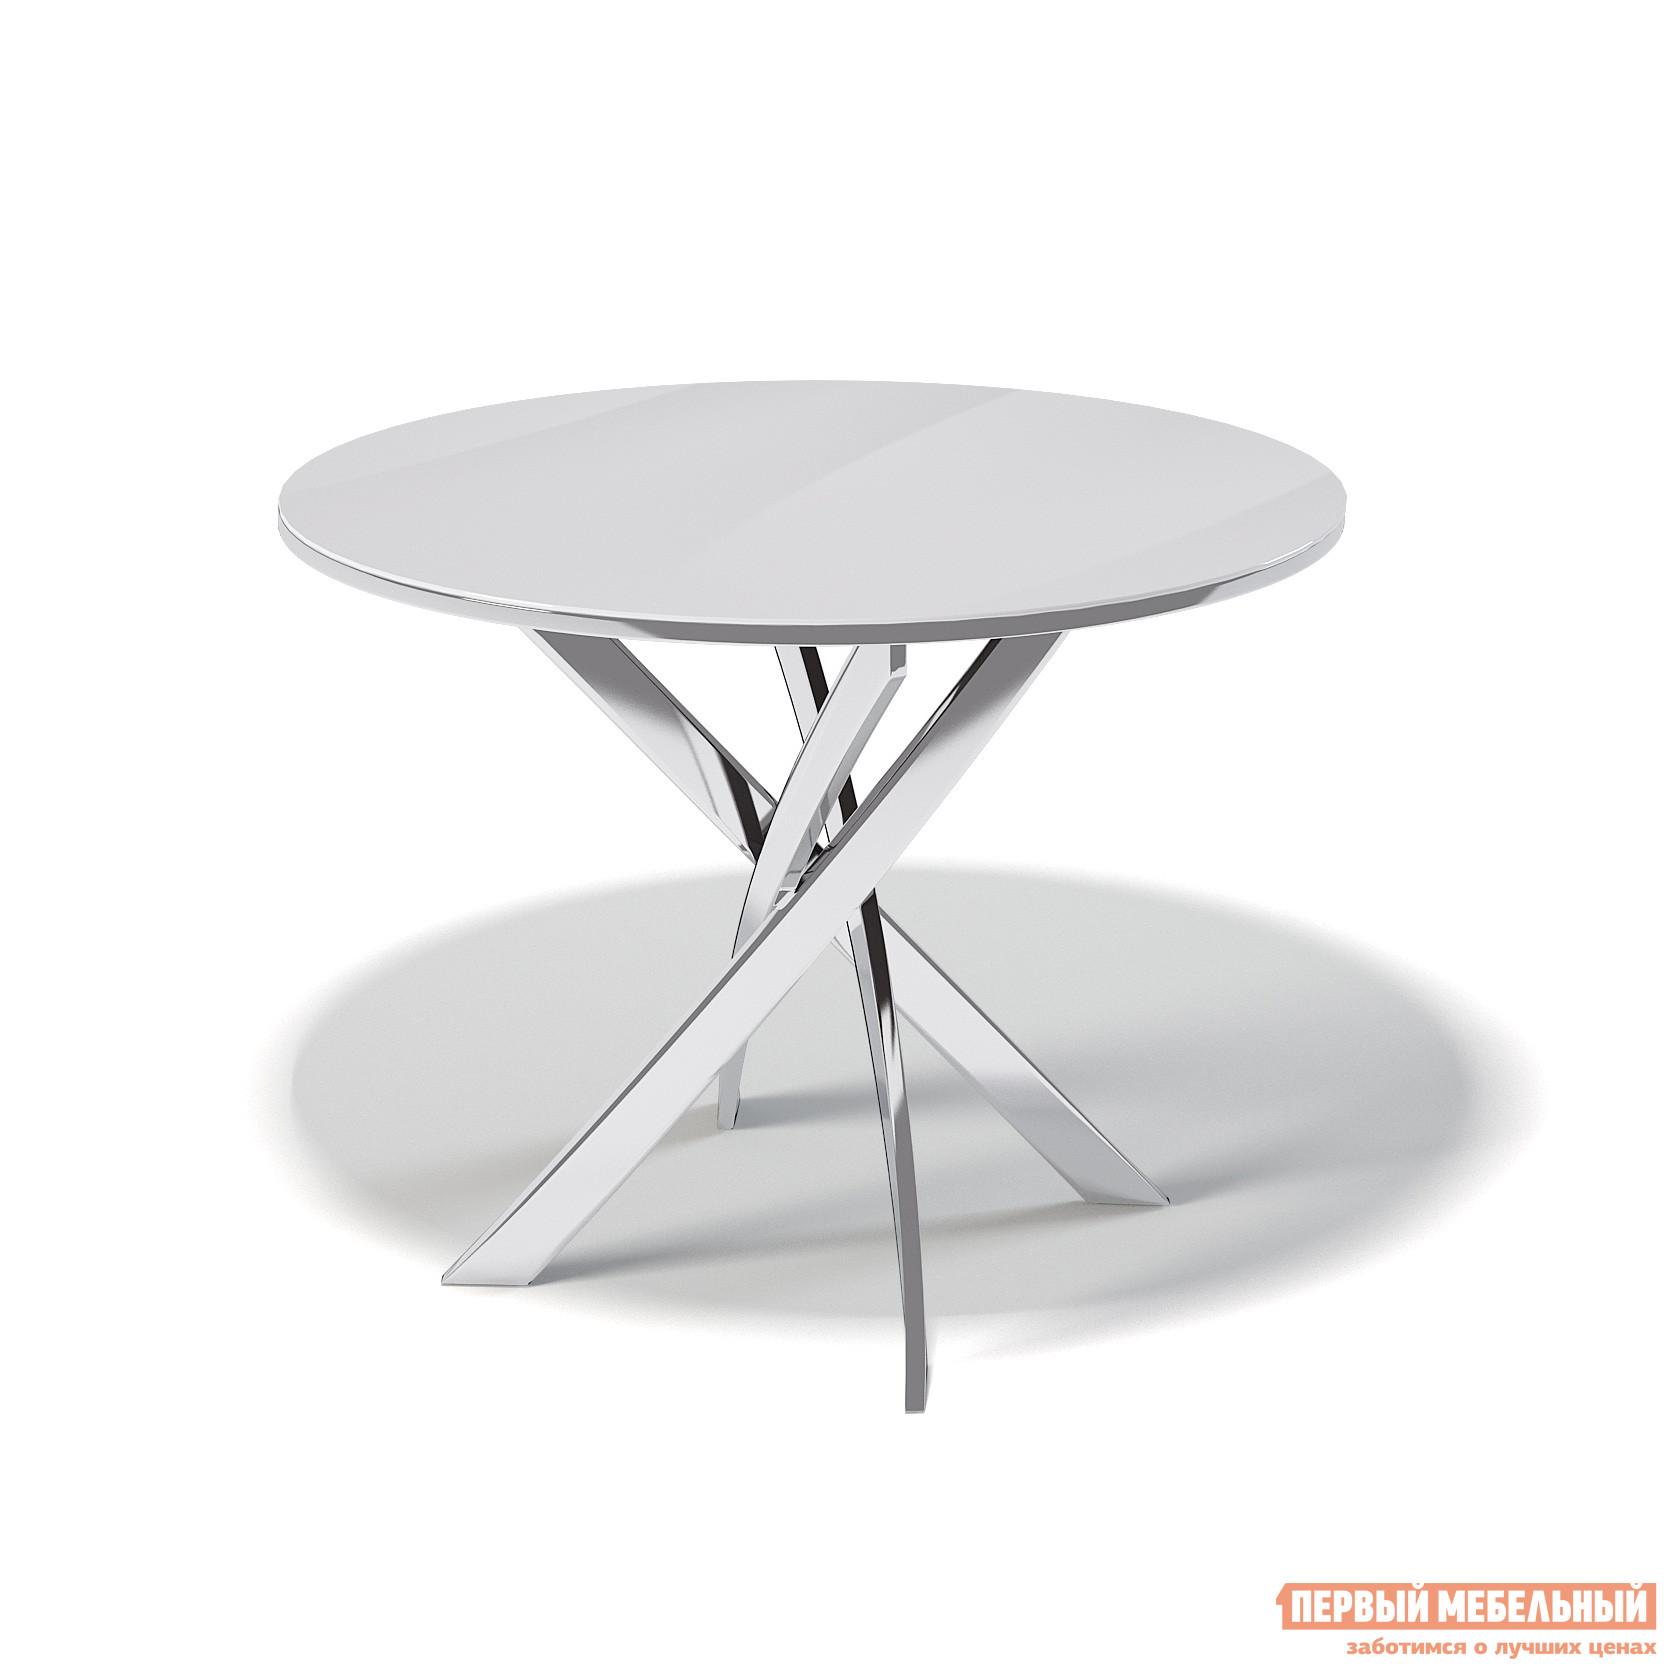 Кухонный стол ДИК KENNER R1000 Хром / Стекло белое